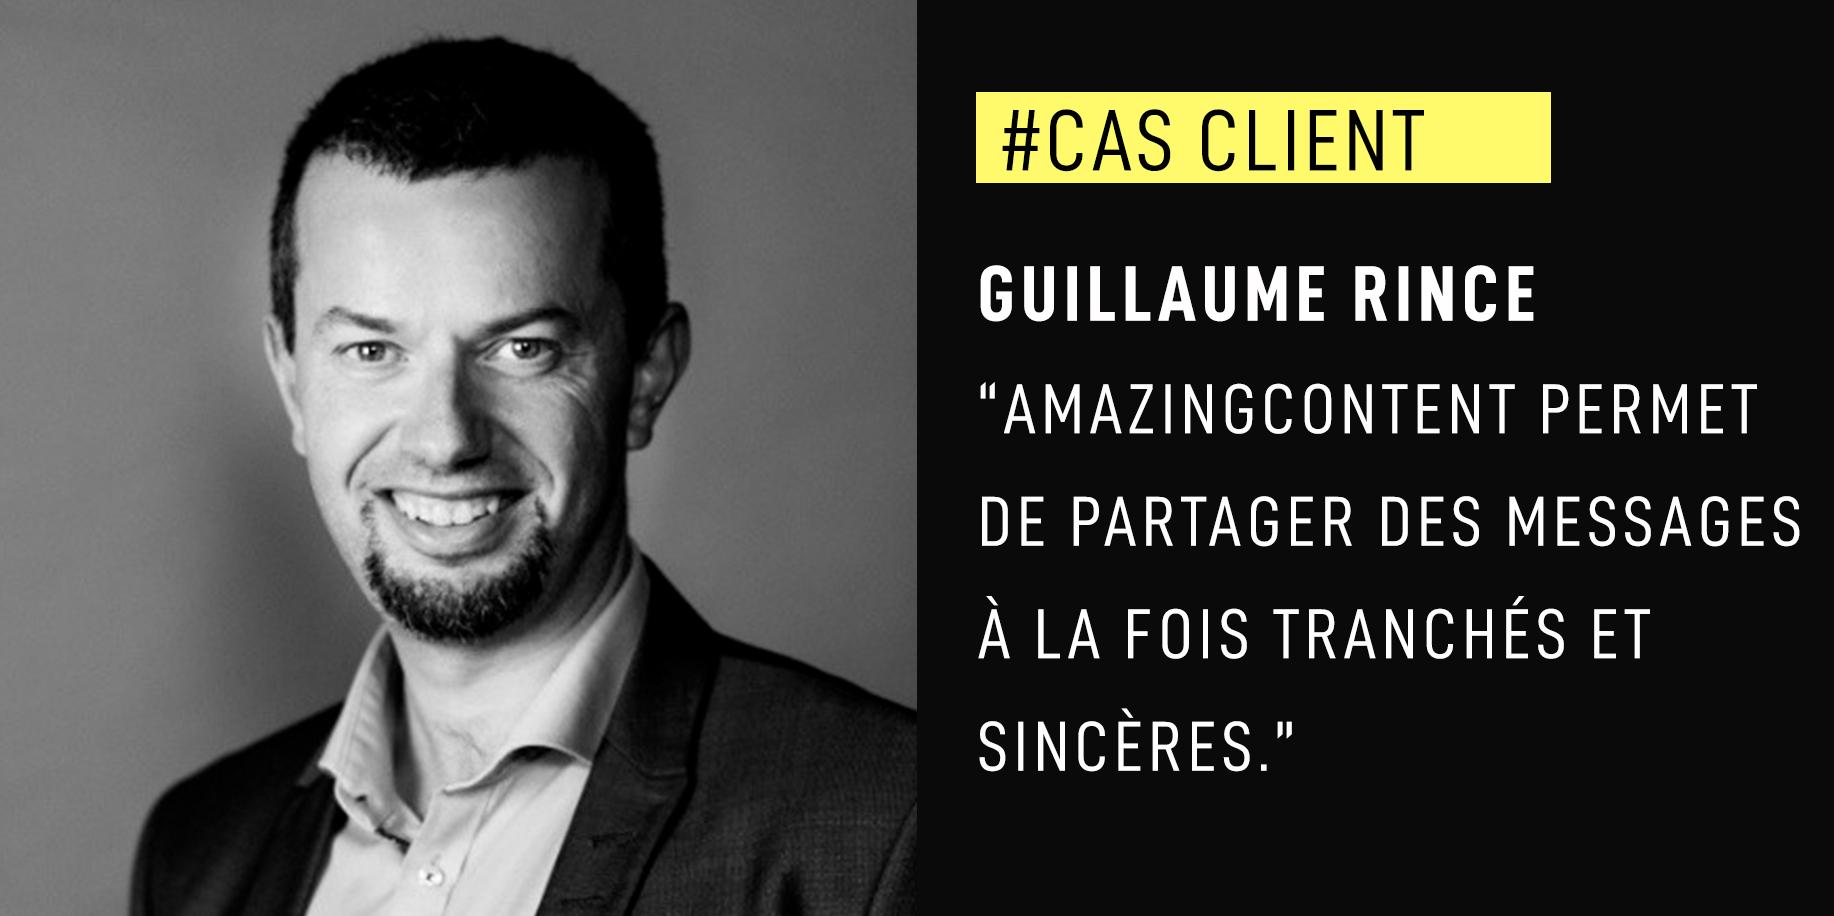 """Guillaume Rince, CTO MAIF : """"AmazingContent permet de partager des messages à la fois tranchés et sincères."""""""